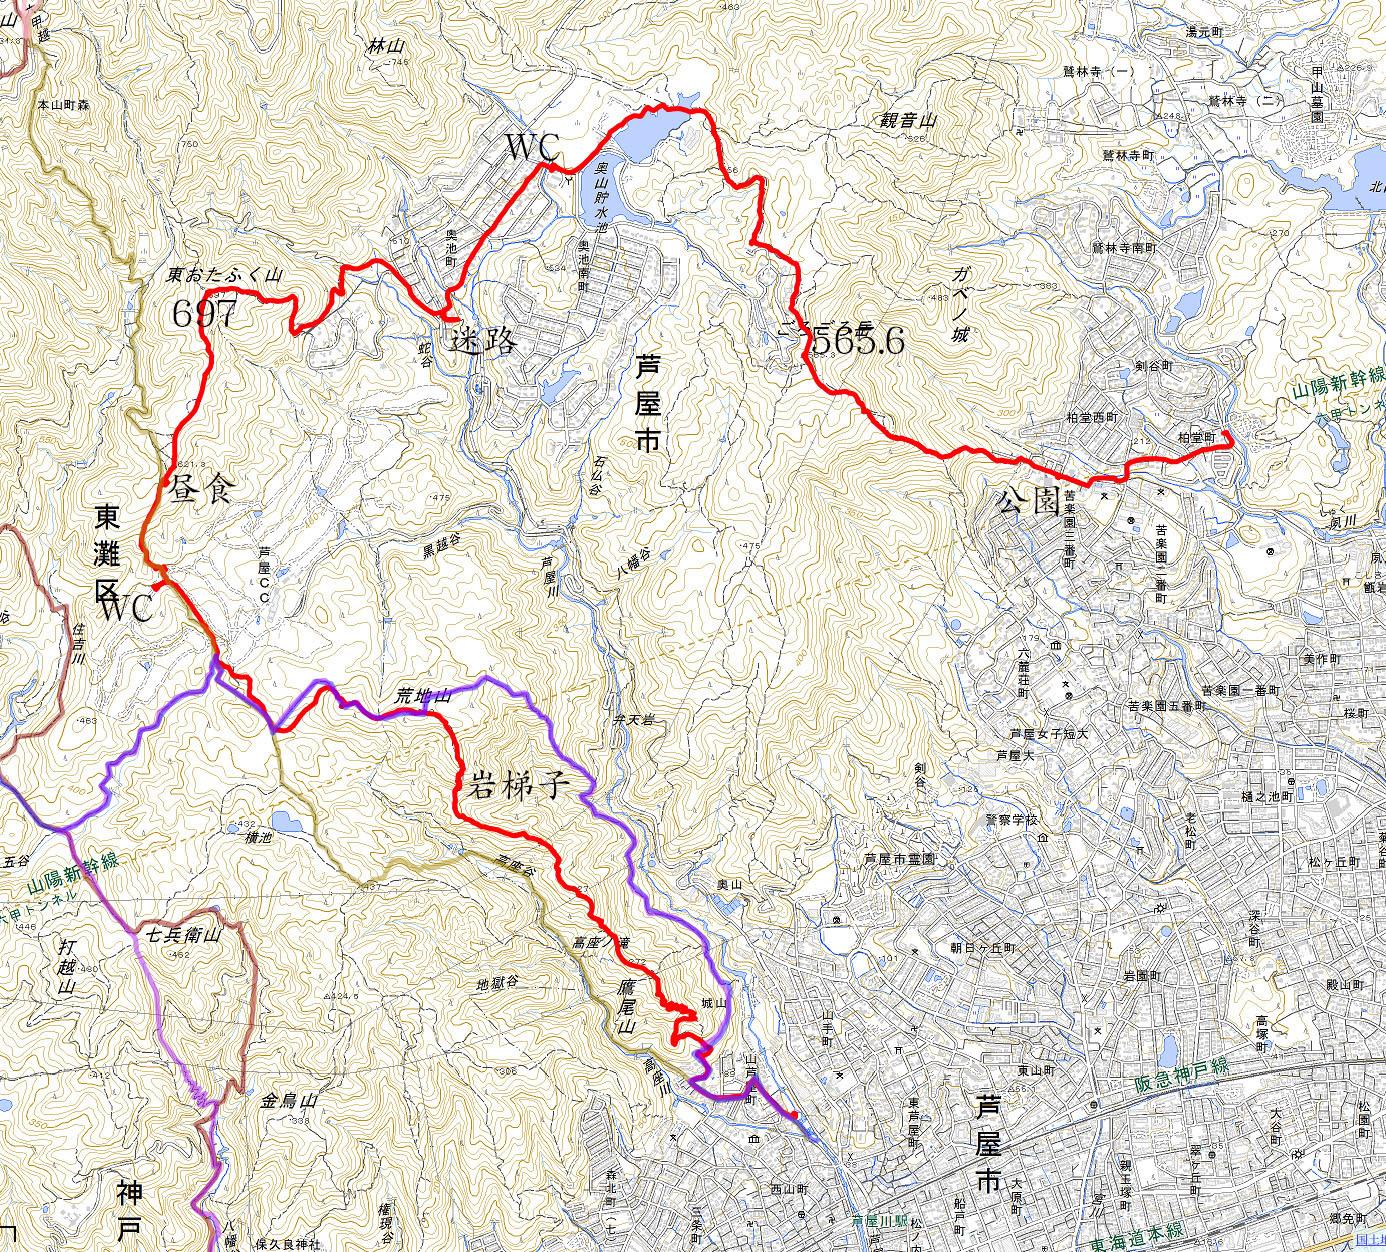 20150124+map